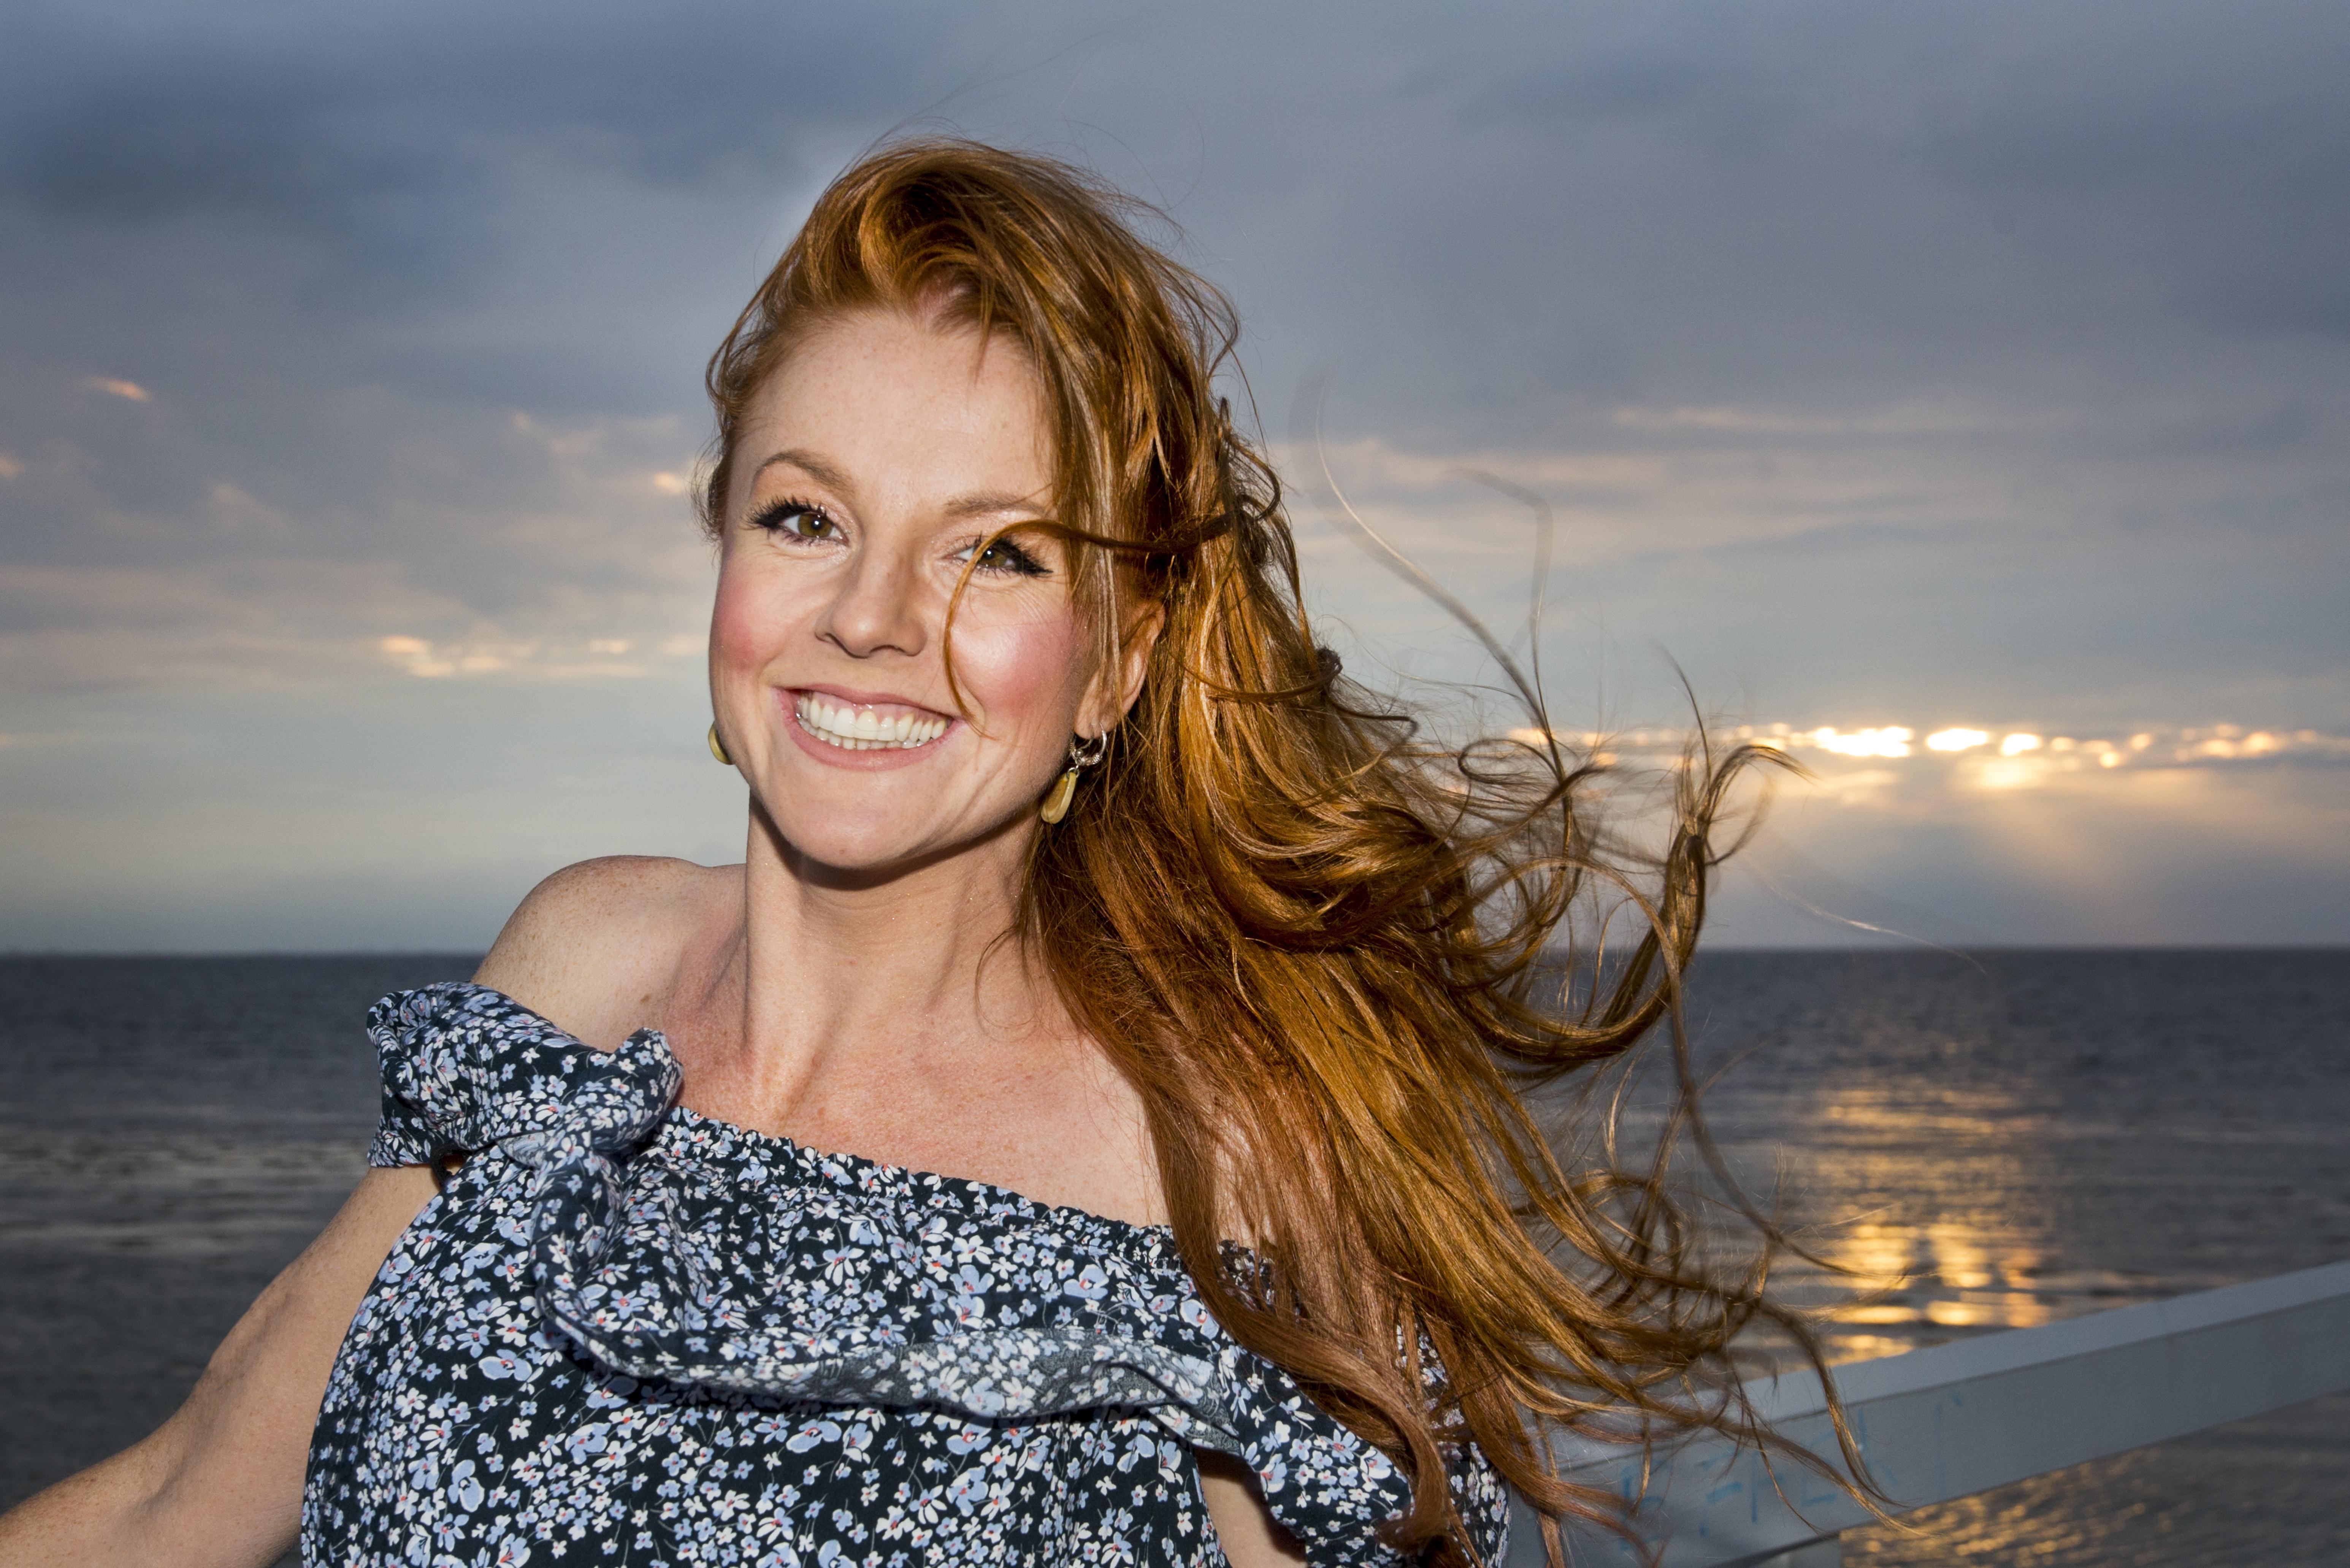 Sandviken Mogna kvinnor söker yngre män Lappland